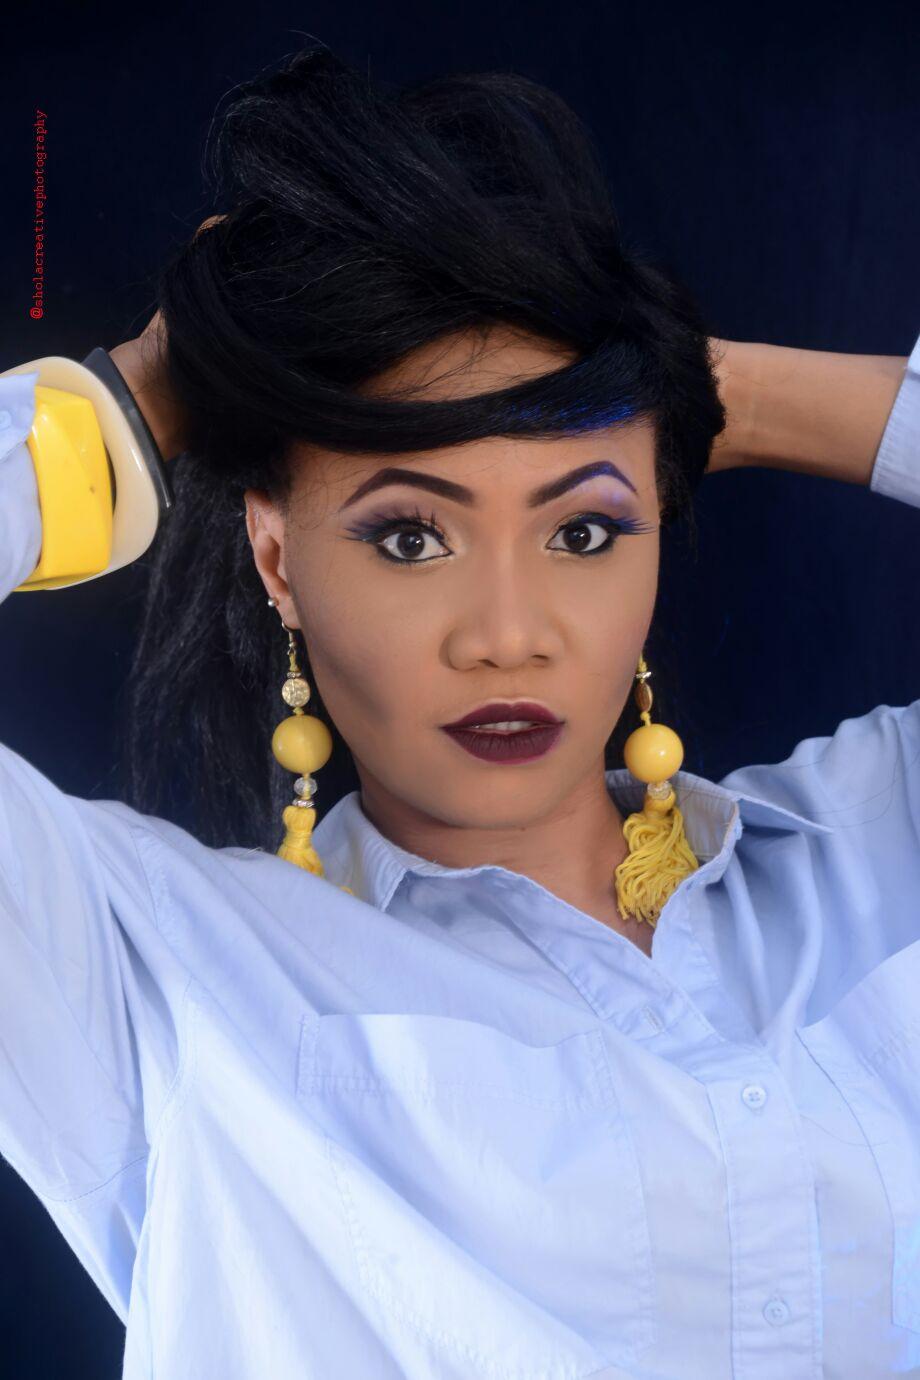 Upcoming Nollywood Actress Amaka Chukwujekwu Releases